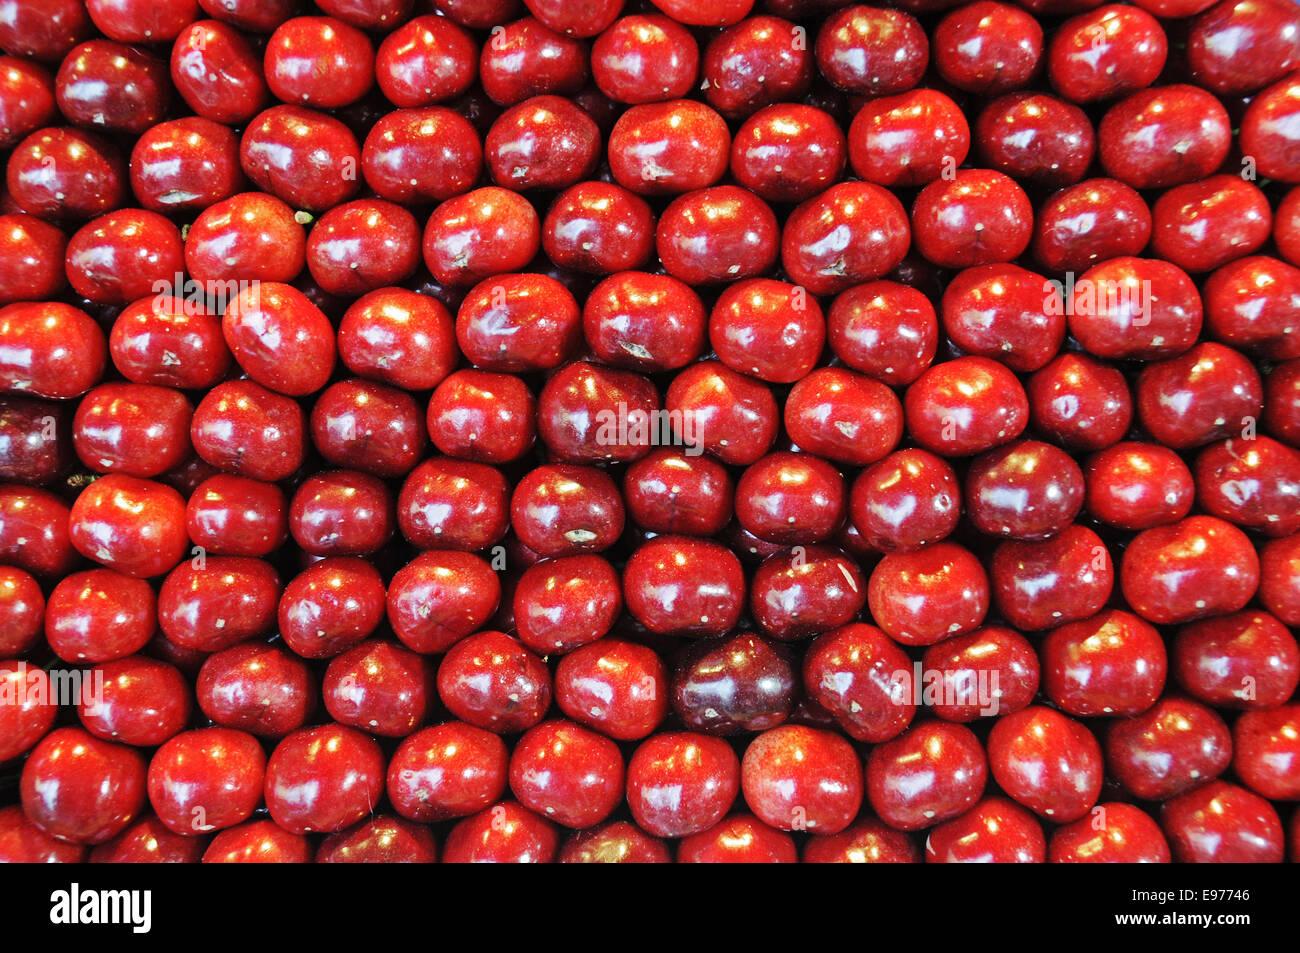 Sweet cherries, Prunus avium, Spain Stock Photo